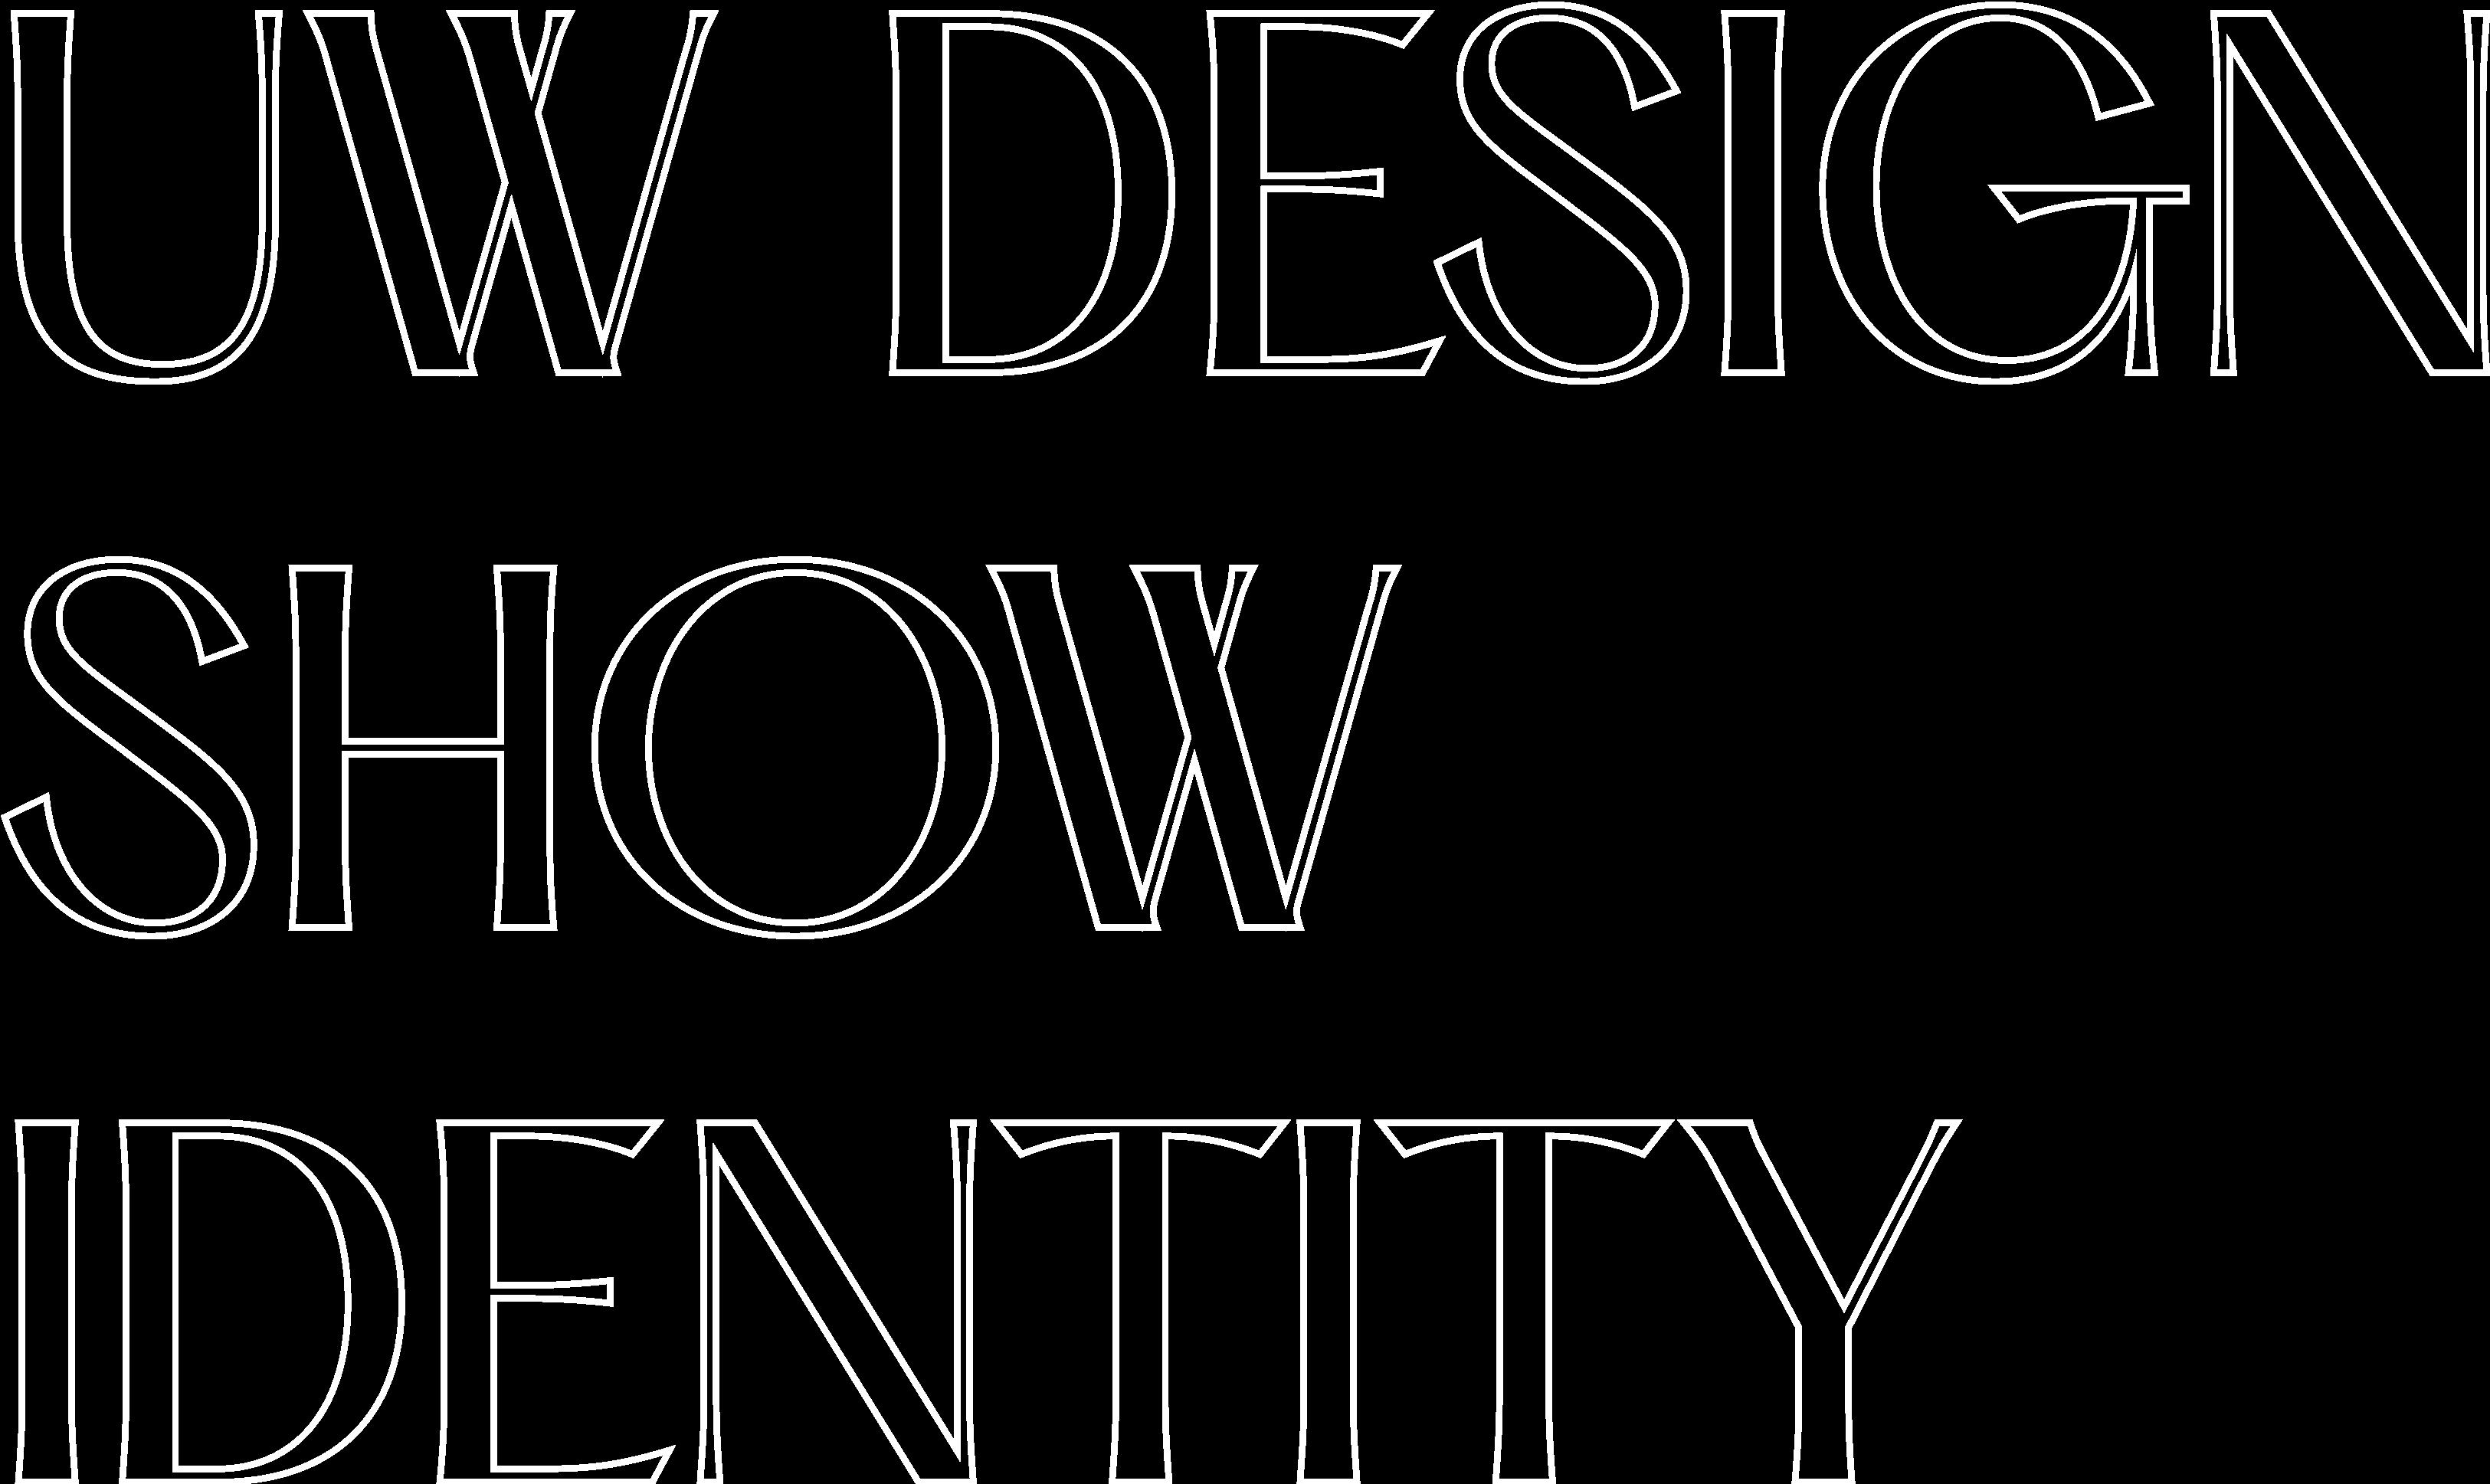 UW Design Show Identity